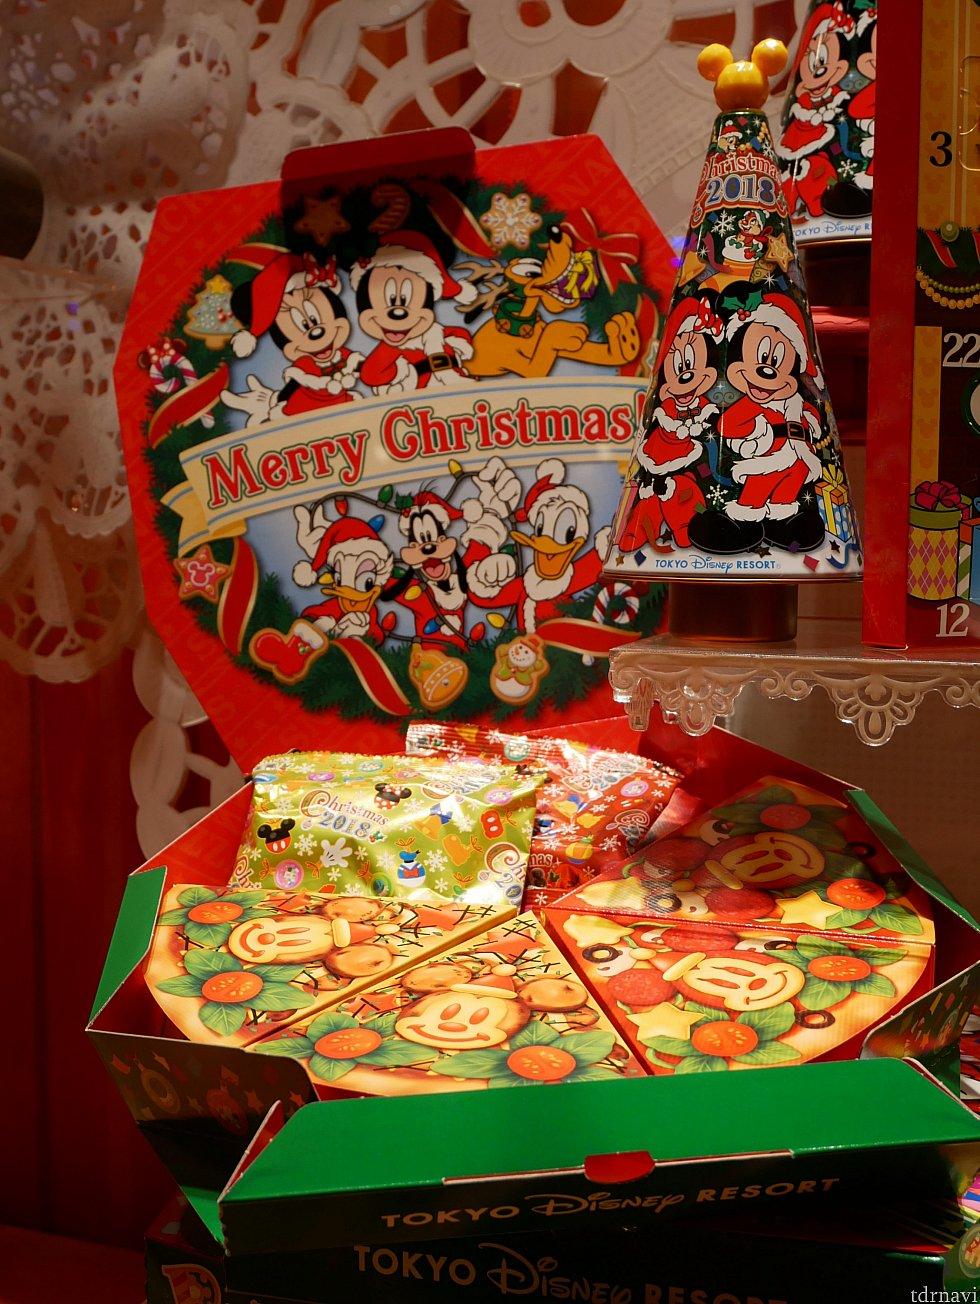 他にもこんなピザボックスのようなお菓子も売ってました😆 1300円